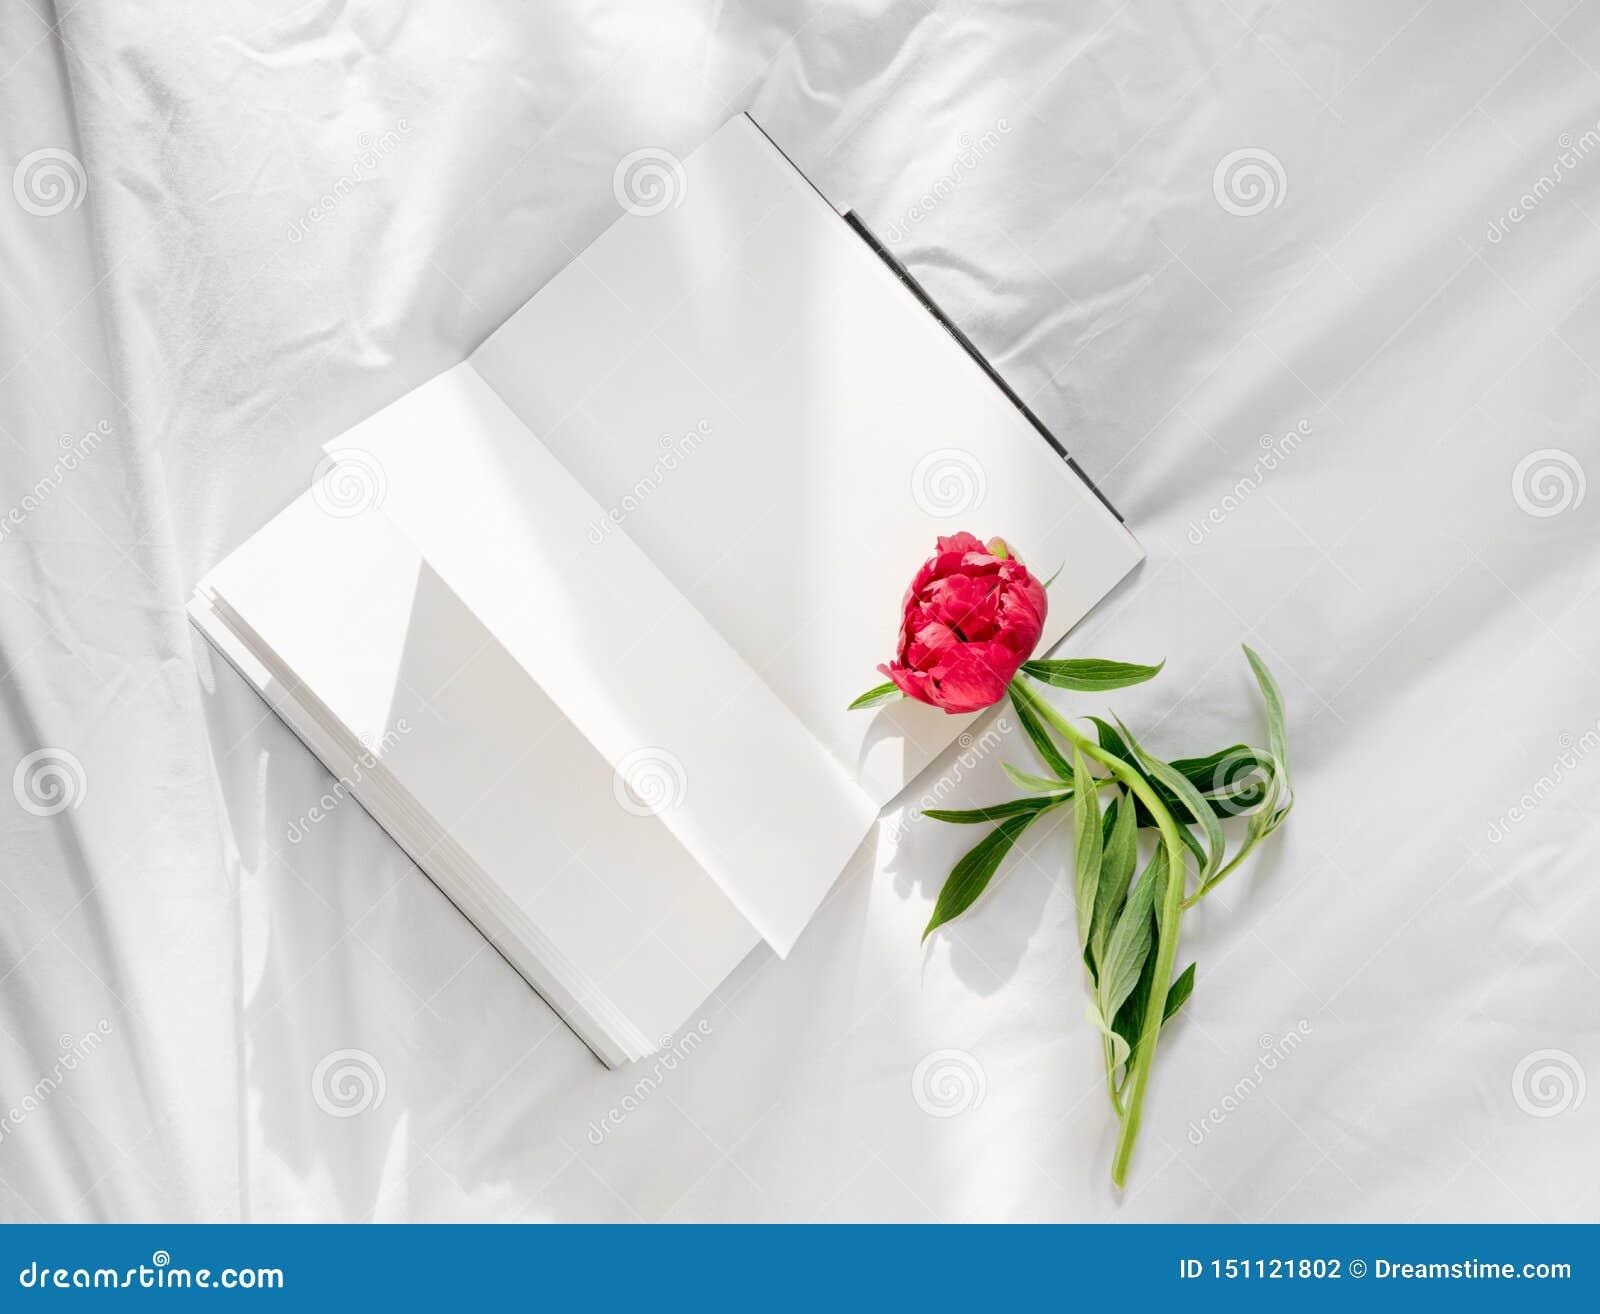 Fleurs restant sur le livre ouvert dans le lit Bonjour romantique Vue sup?rieure